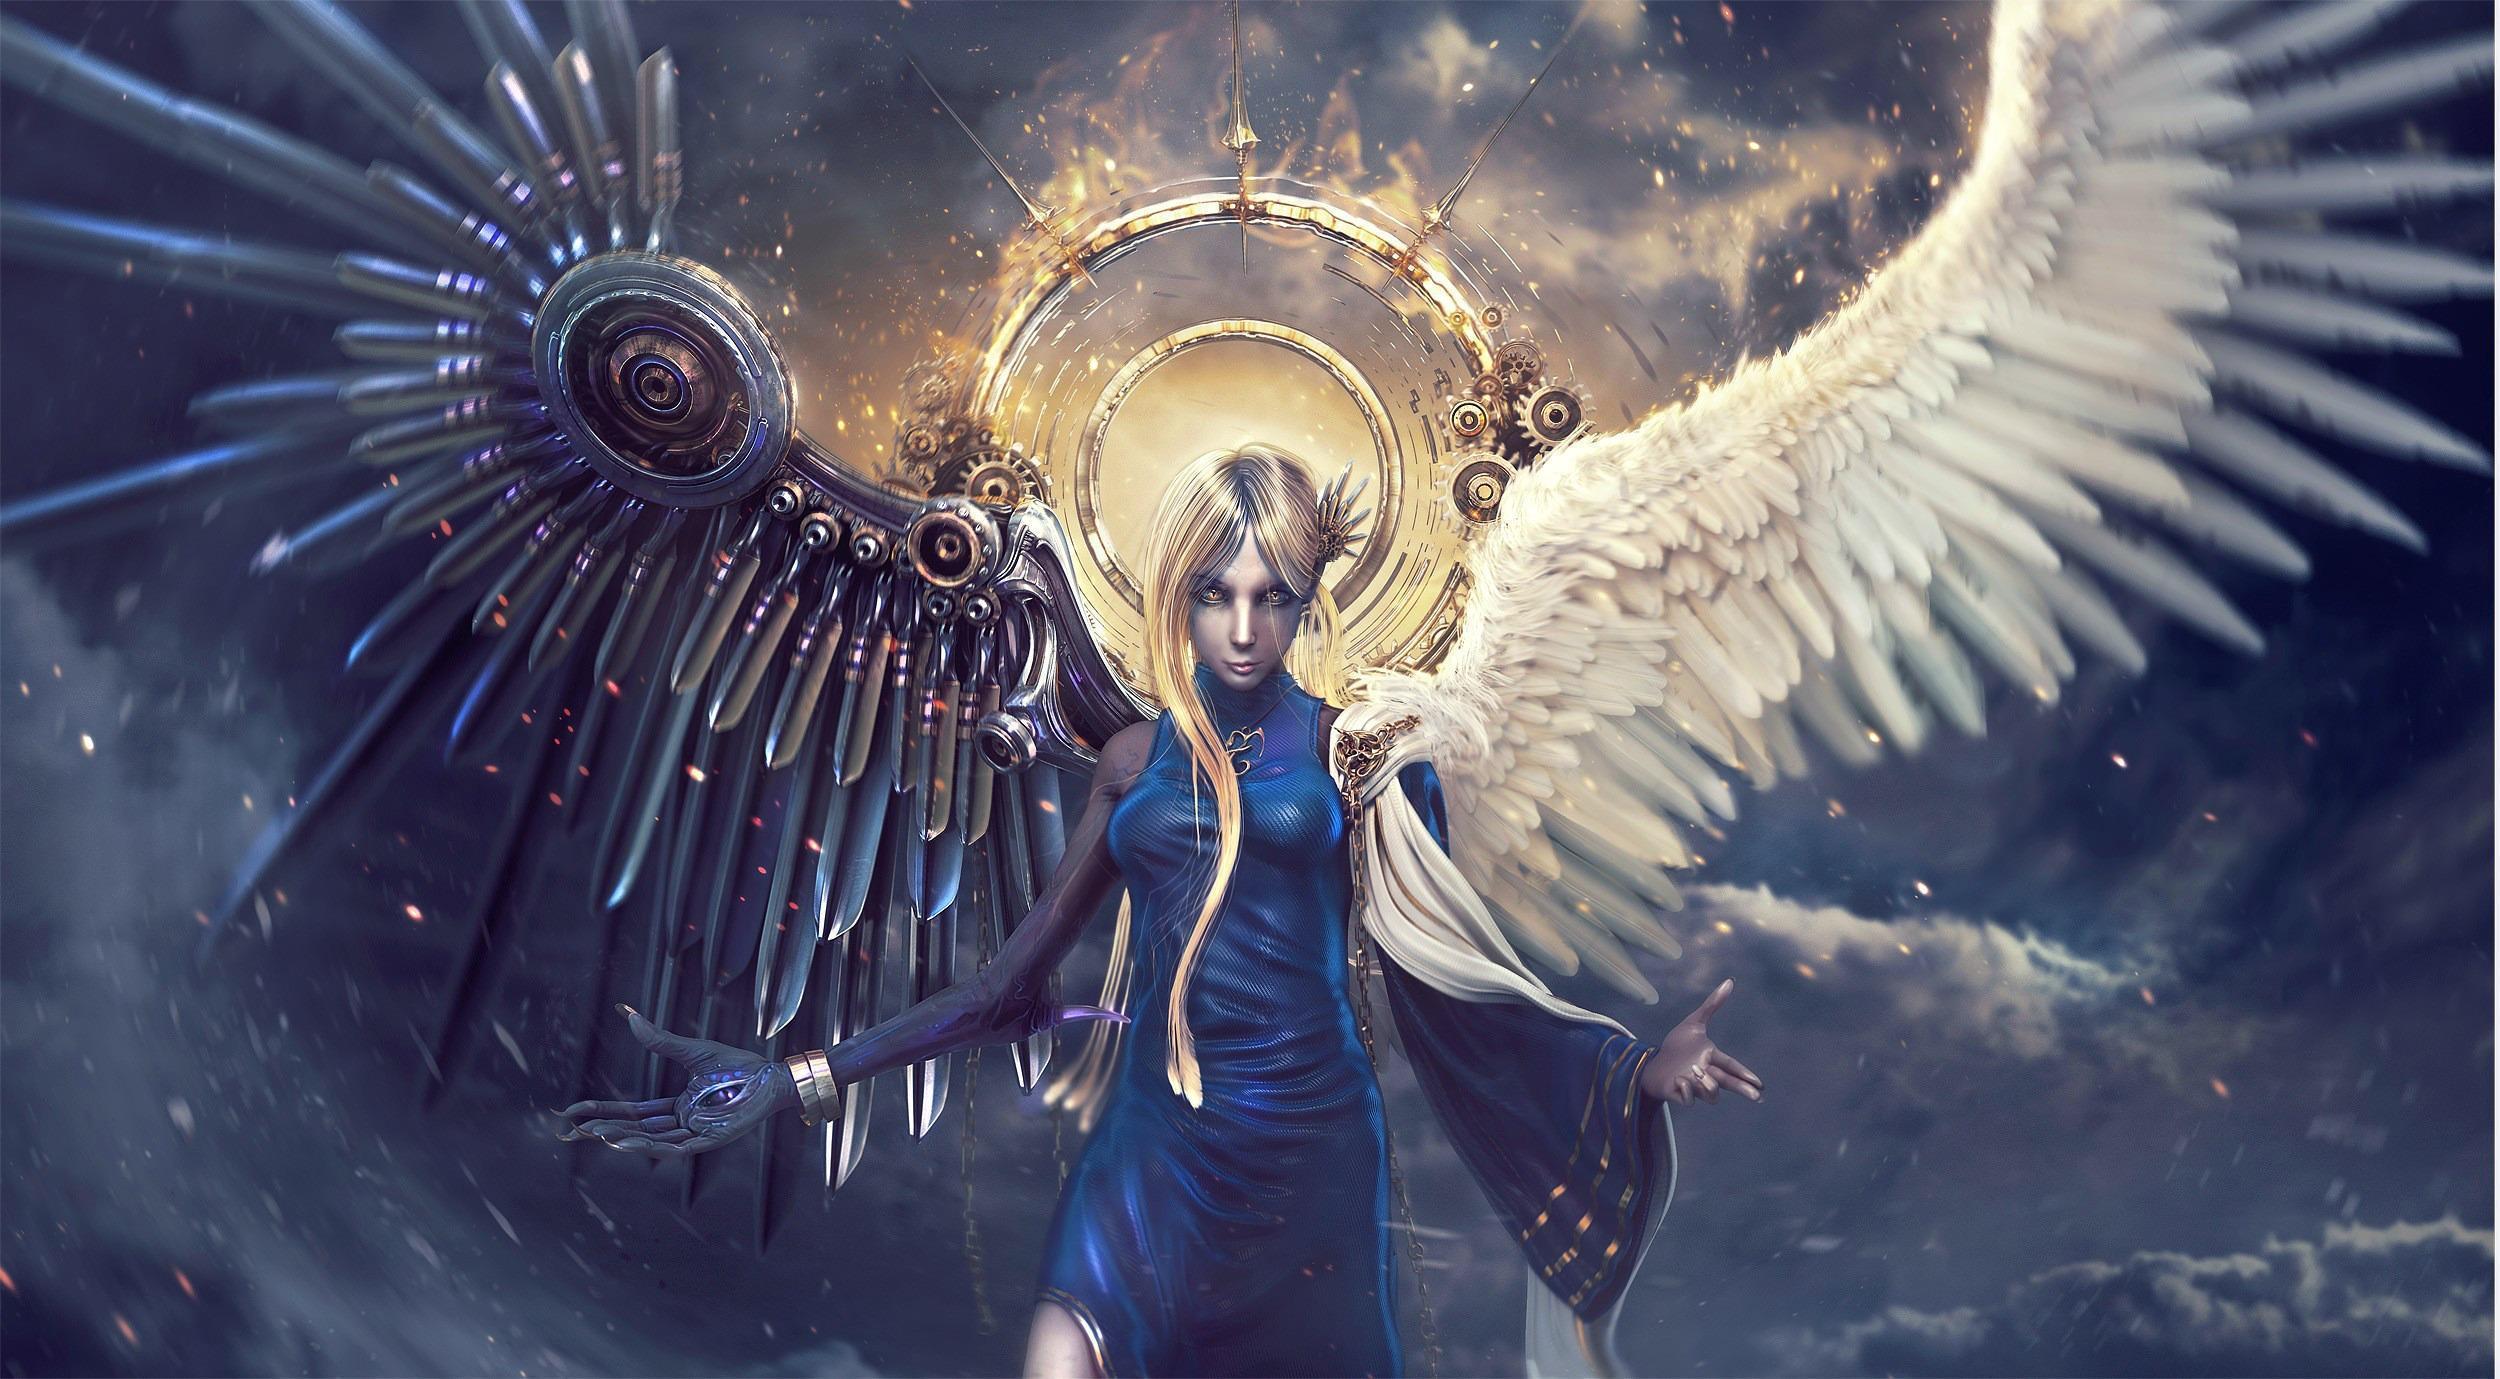 angel devil wings wallpaper - photo #5